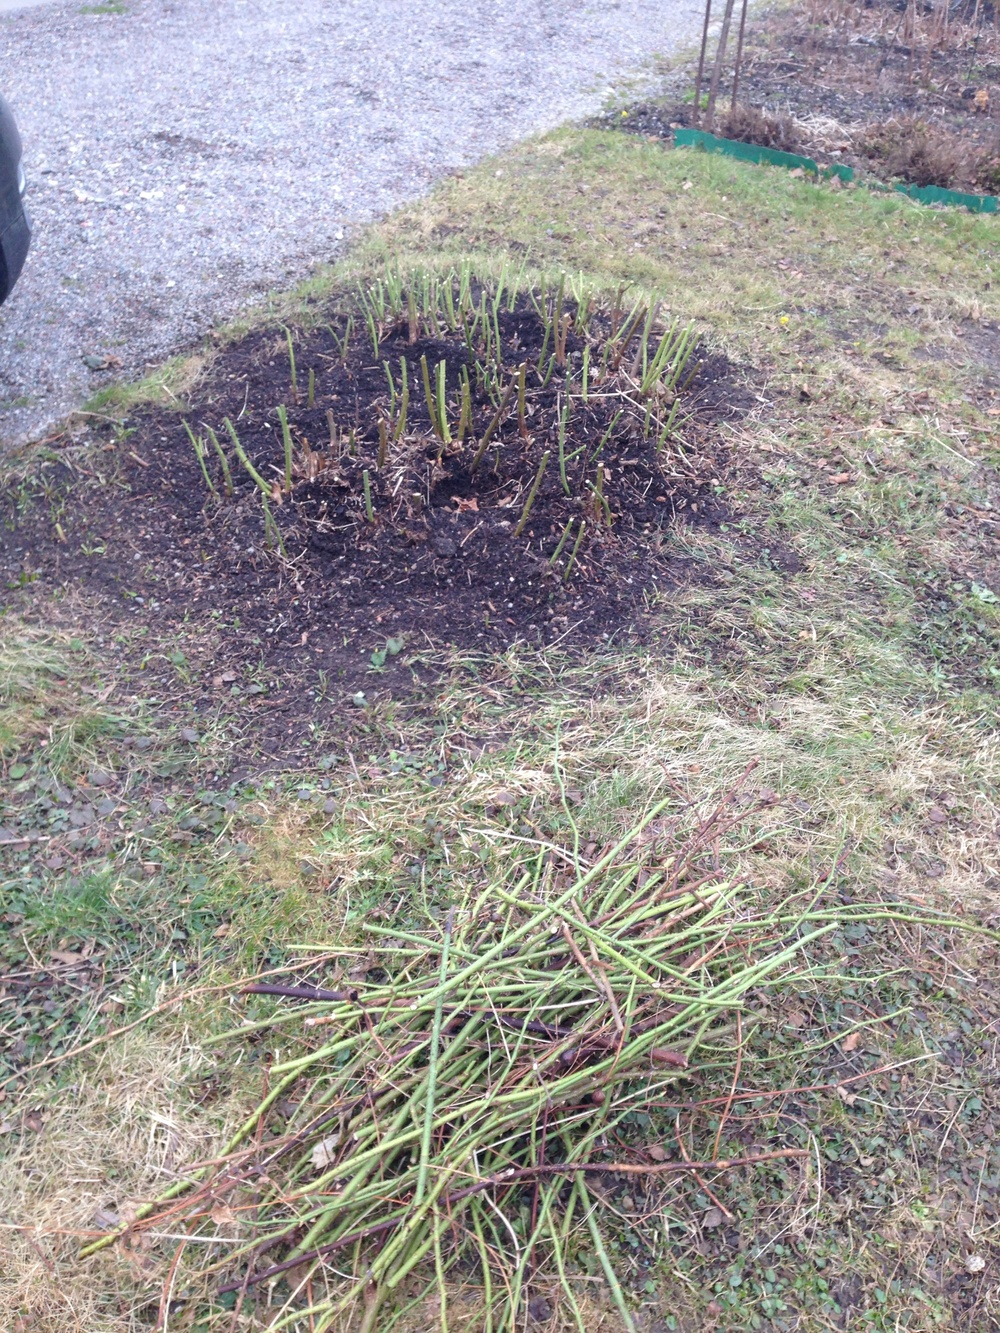 Även den stora mörkrosa buskrosen som växer som en solitär på gräsmattan är nu helt nerklippt.